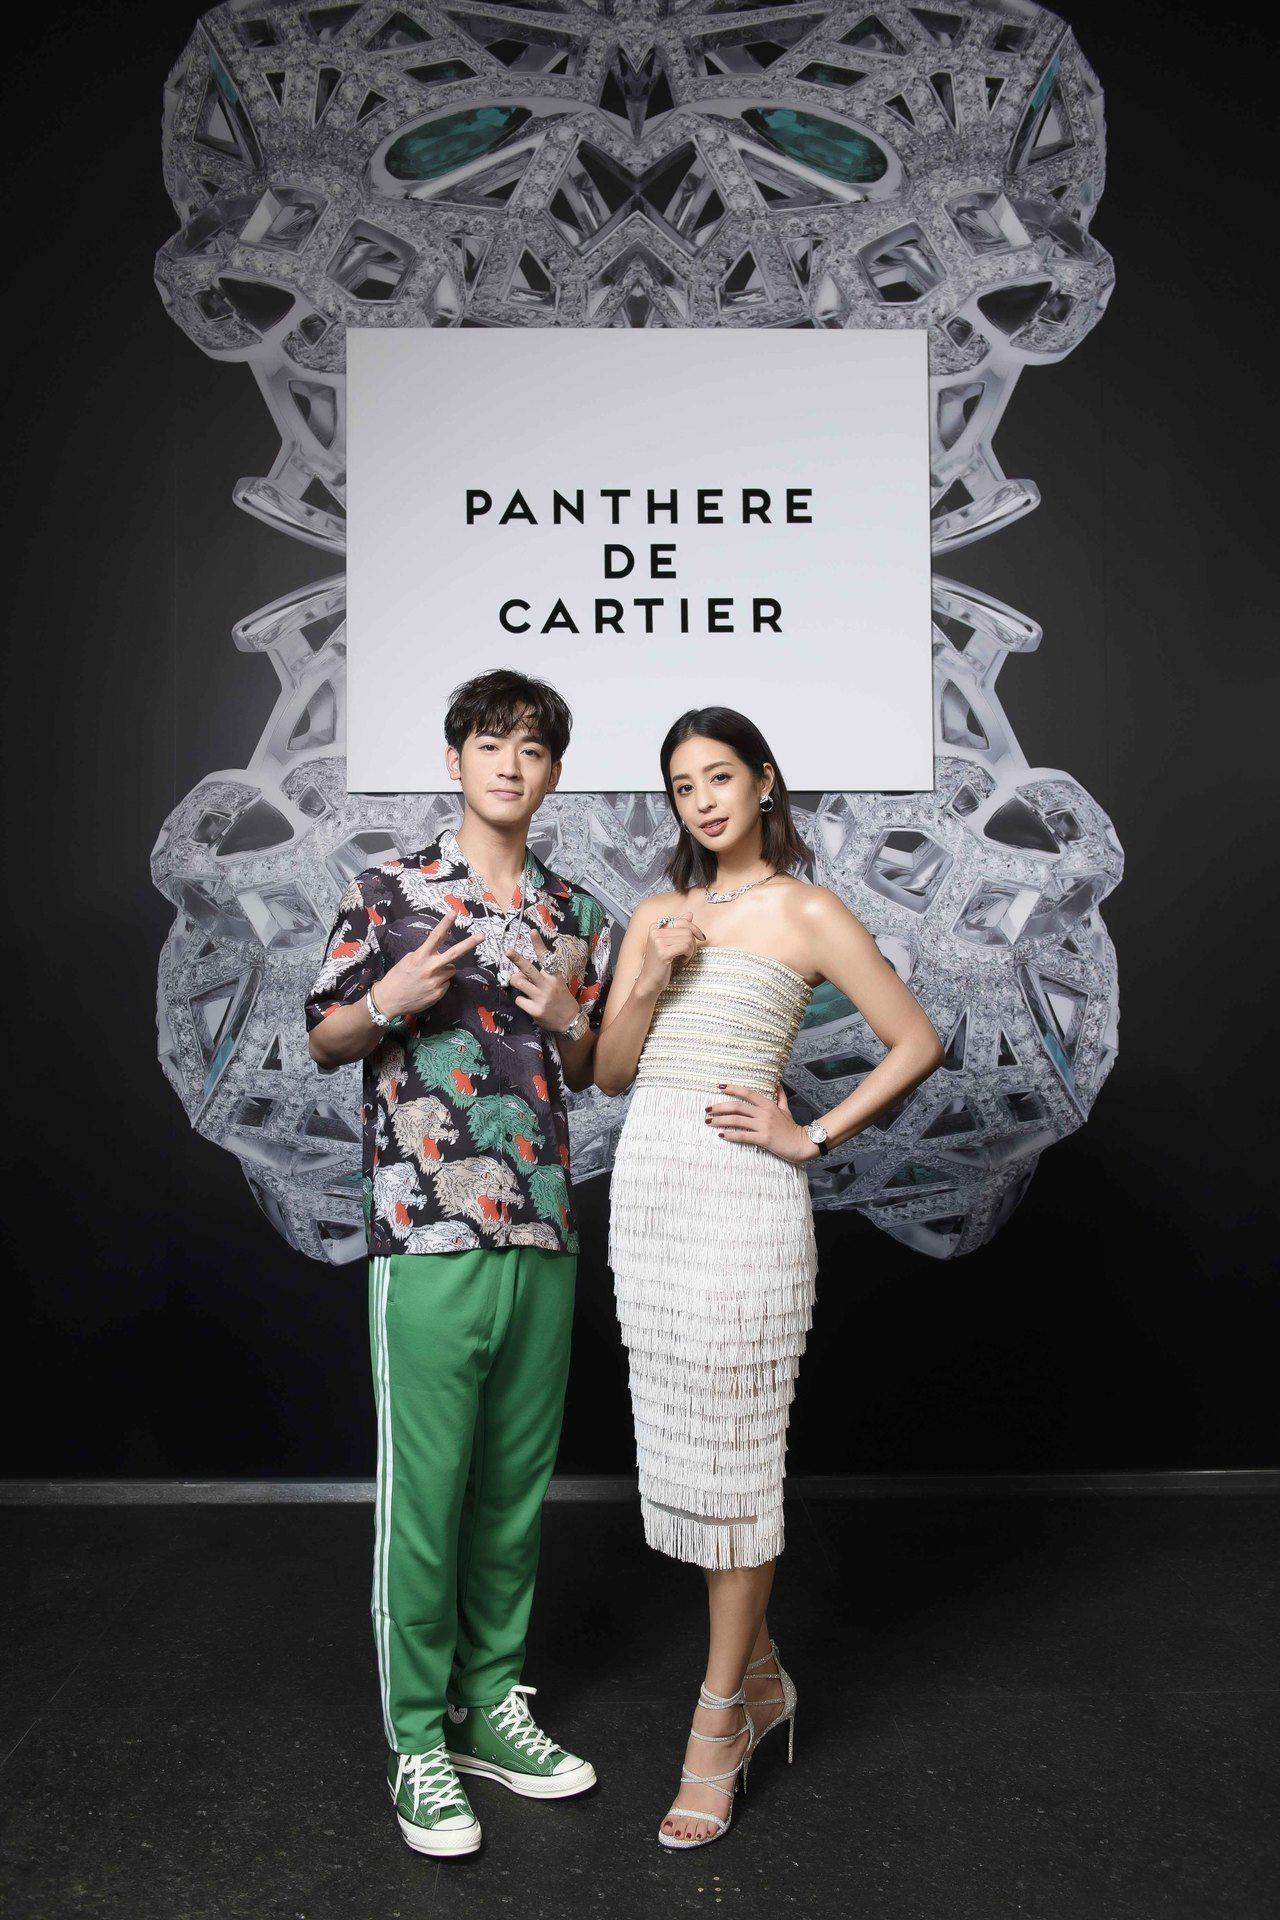 莫允雯、吳思賢展演卡地亞Panthère de Cartier美洲豹系列。圖/卡...